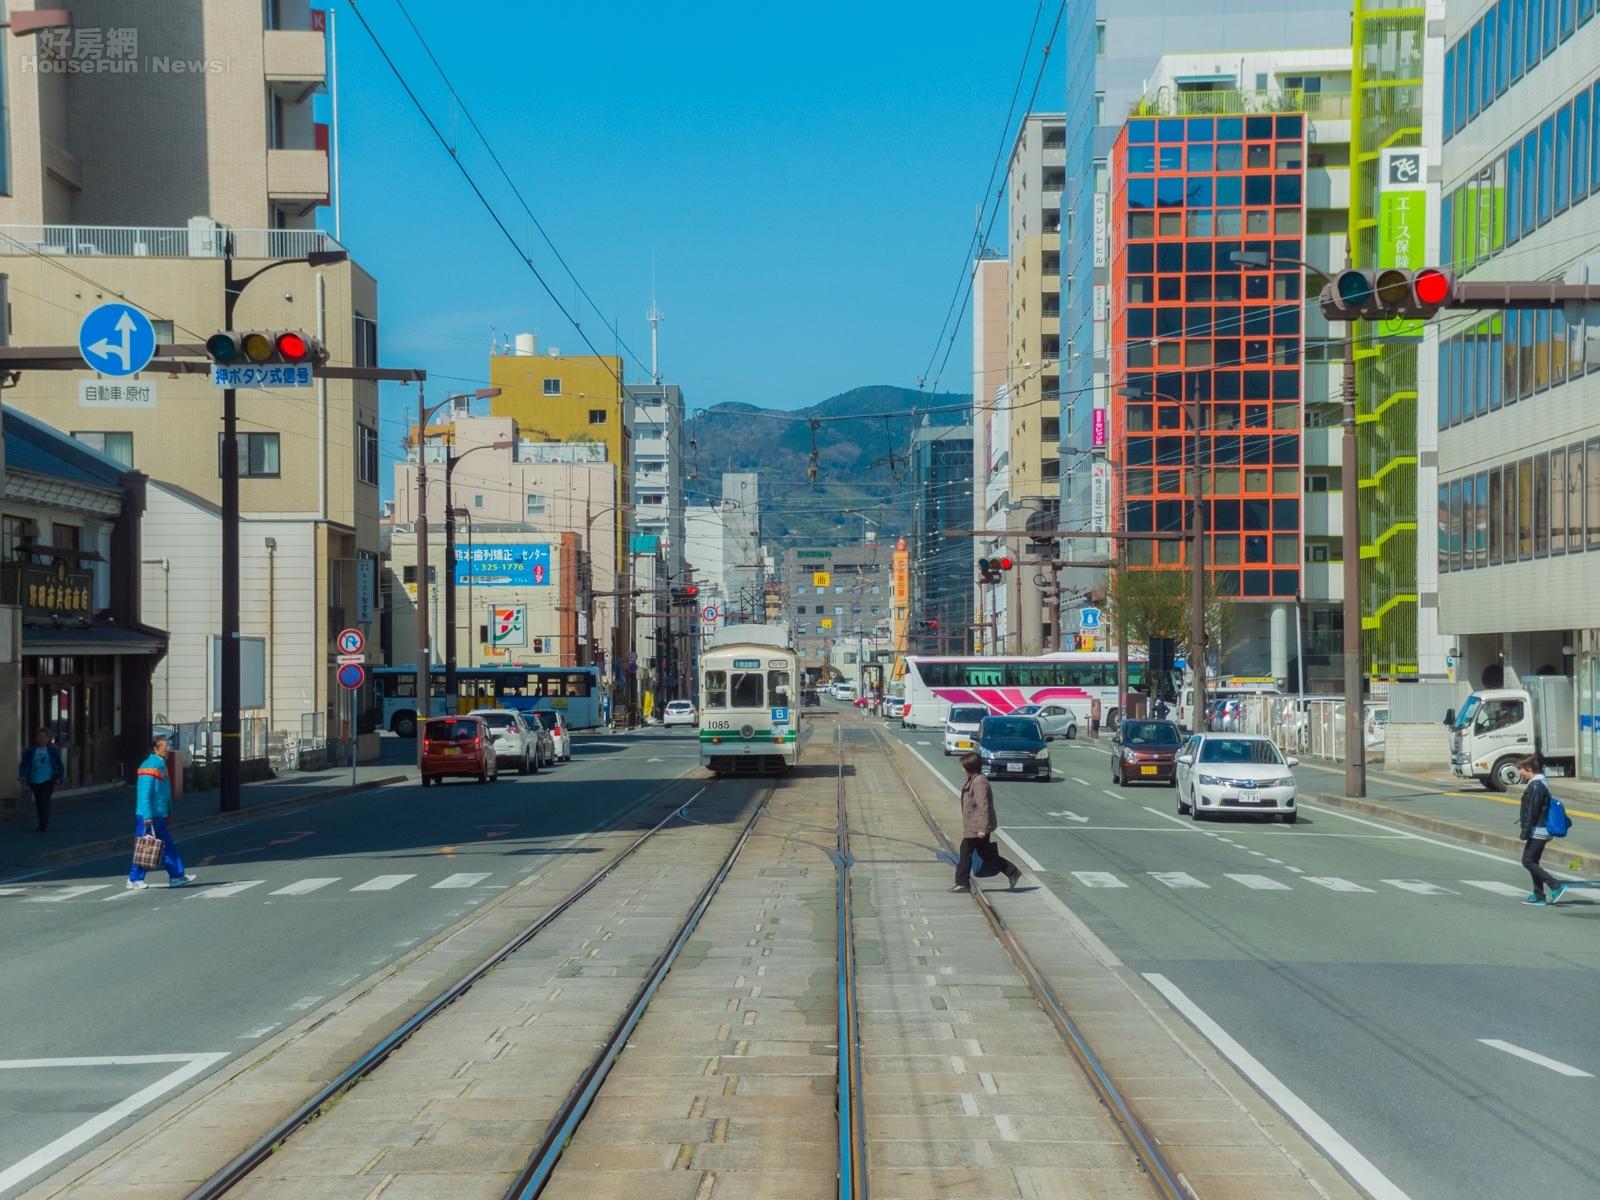 隨著日圓匯率降至低點,在日本置產的議題再度被挑起。(好房往News記者張聖奕/攝)